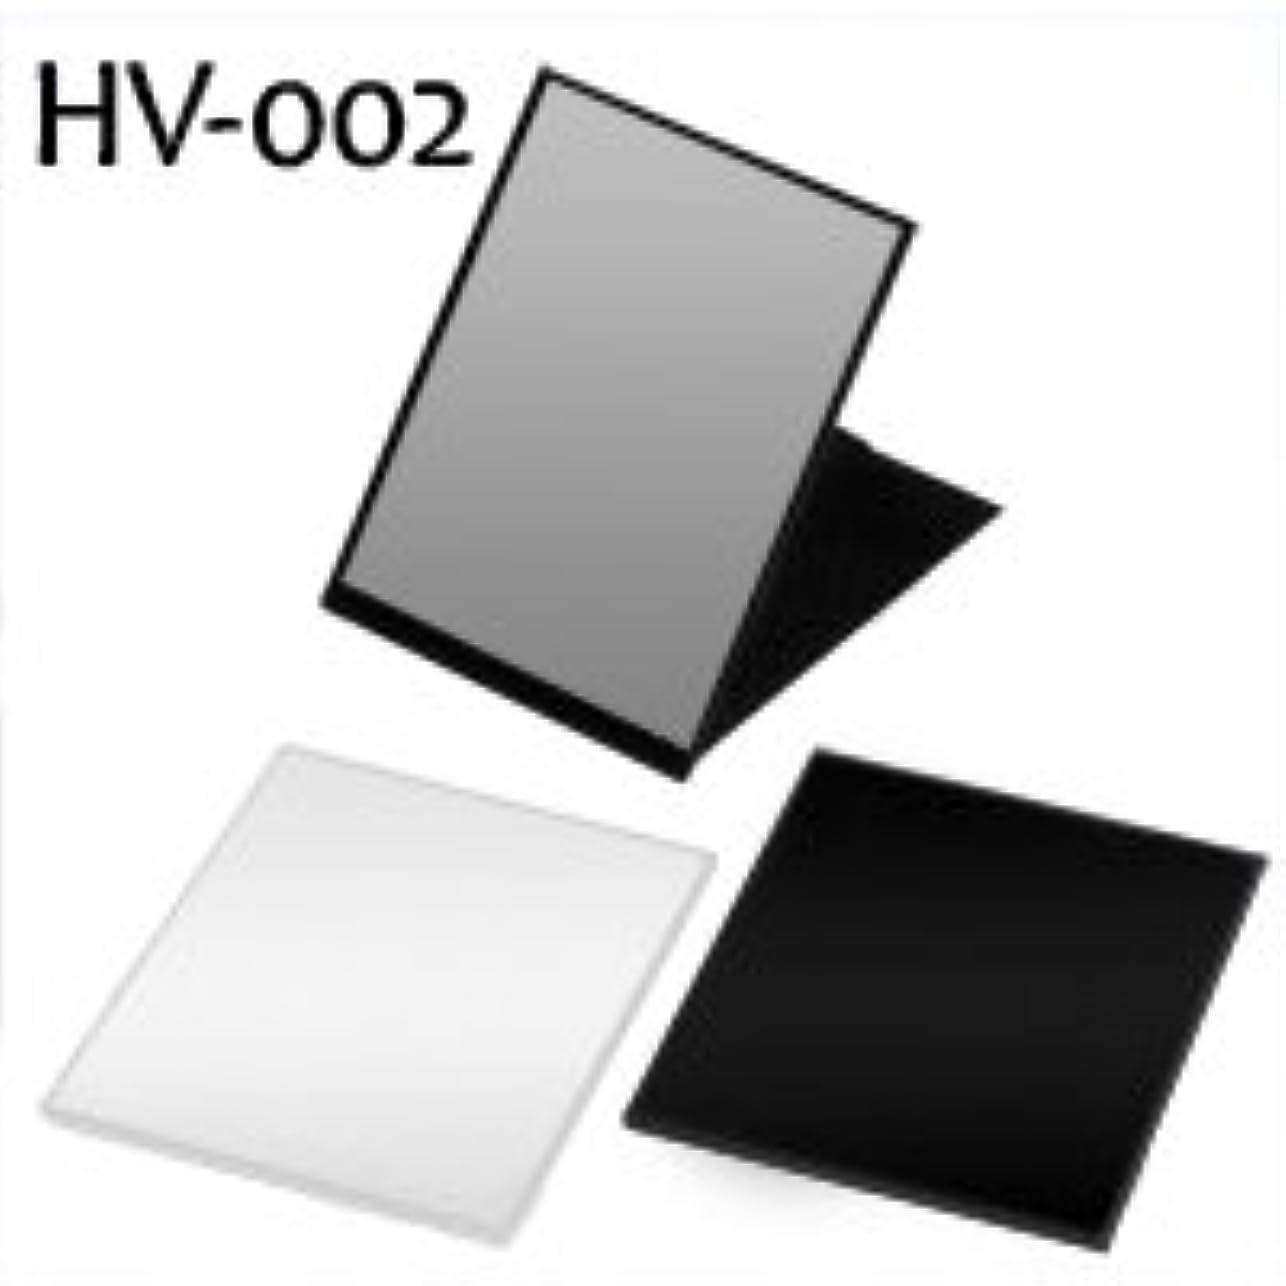 引き潮自伝並外れてハイパービュースリム&ライトコンパクトミラー(L) HV-002 ホワイト